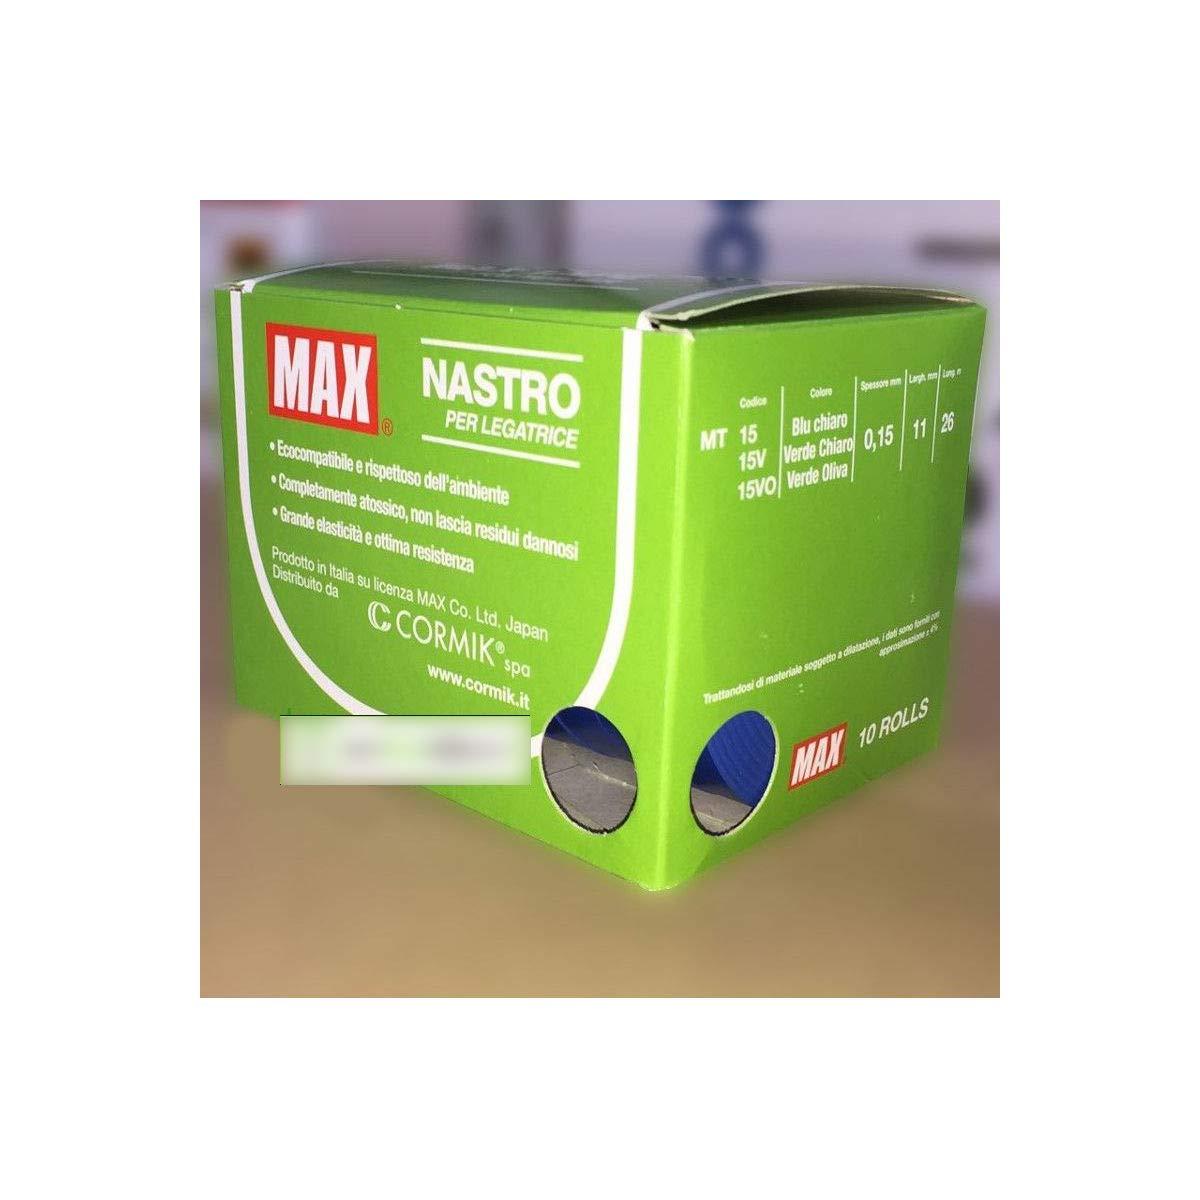 Max Nastro per legatrice TAPENER E Stocktape Colore Blu da 26 mt 10 Rotoli